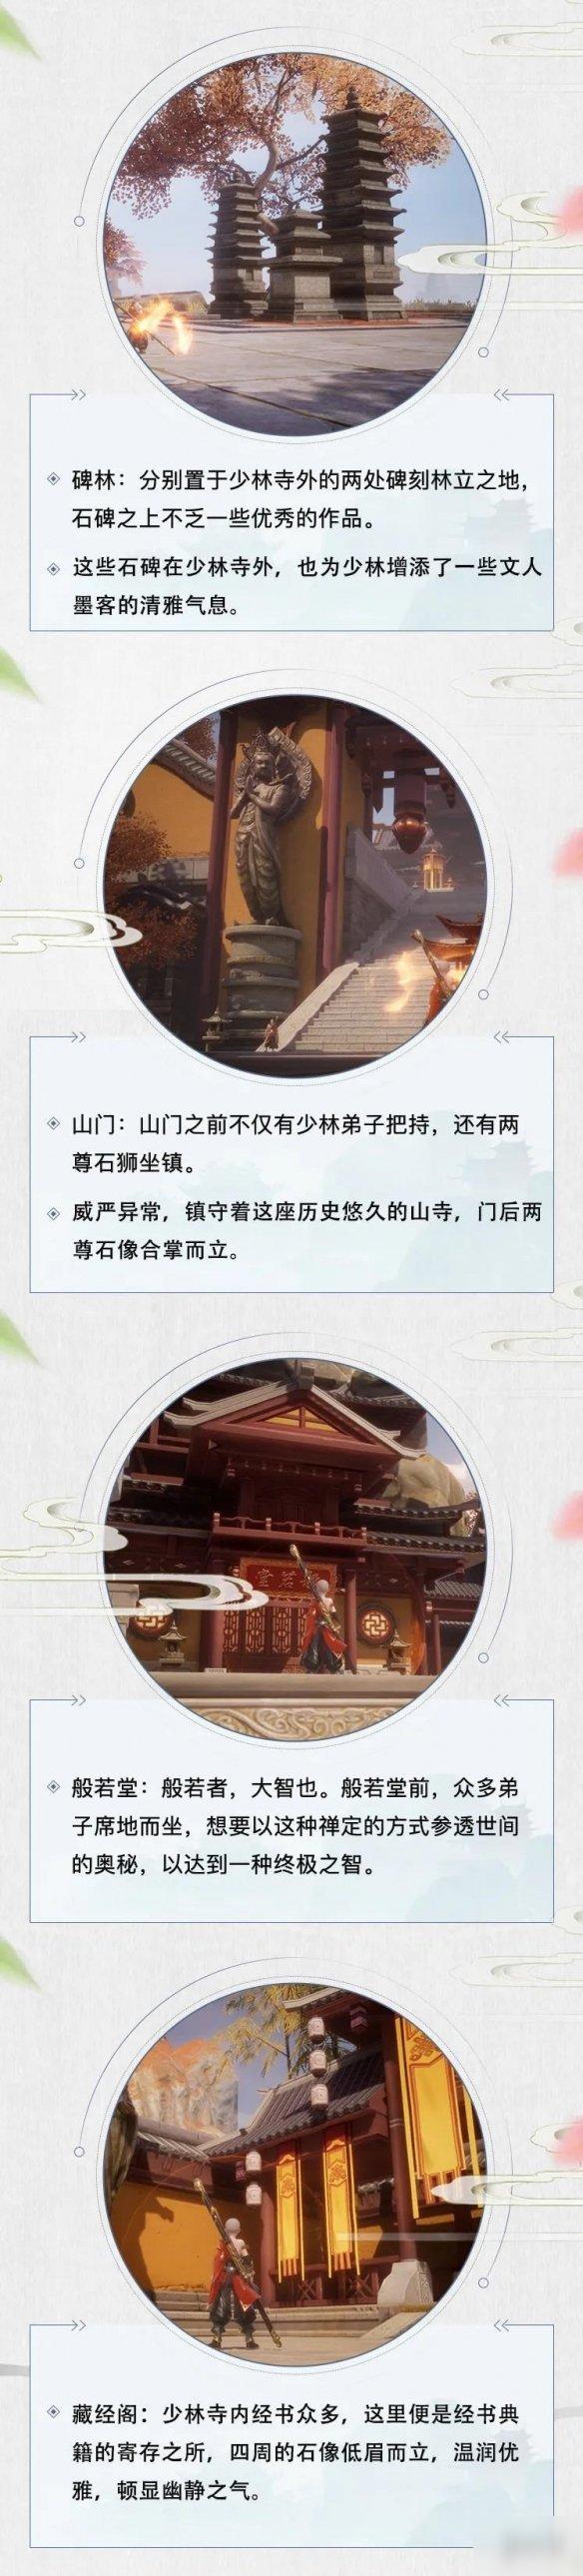 《剑侠情缘2剑歌行》少林怎么样 少林门派介绍